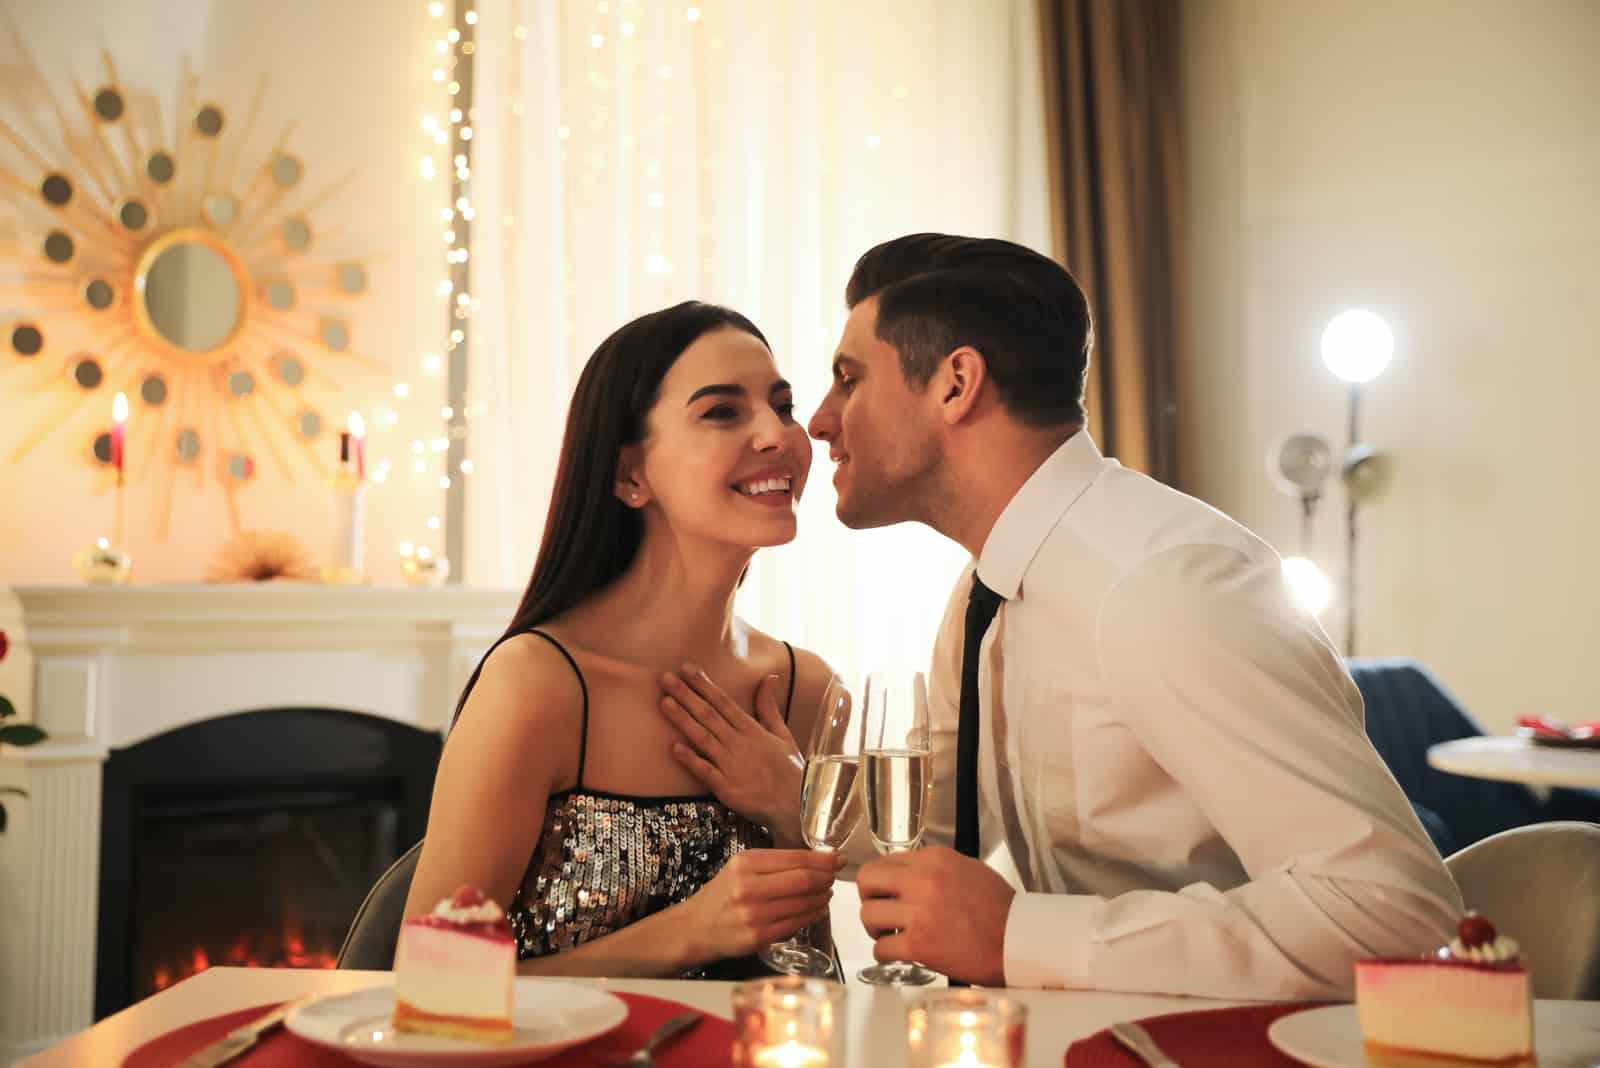 un homme et une femme sont assis à dîner, il veut l'embrasser sur la joue